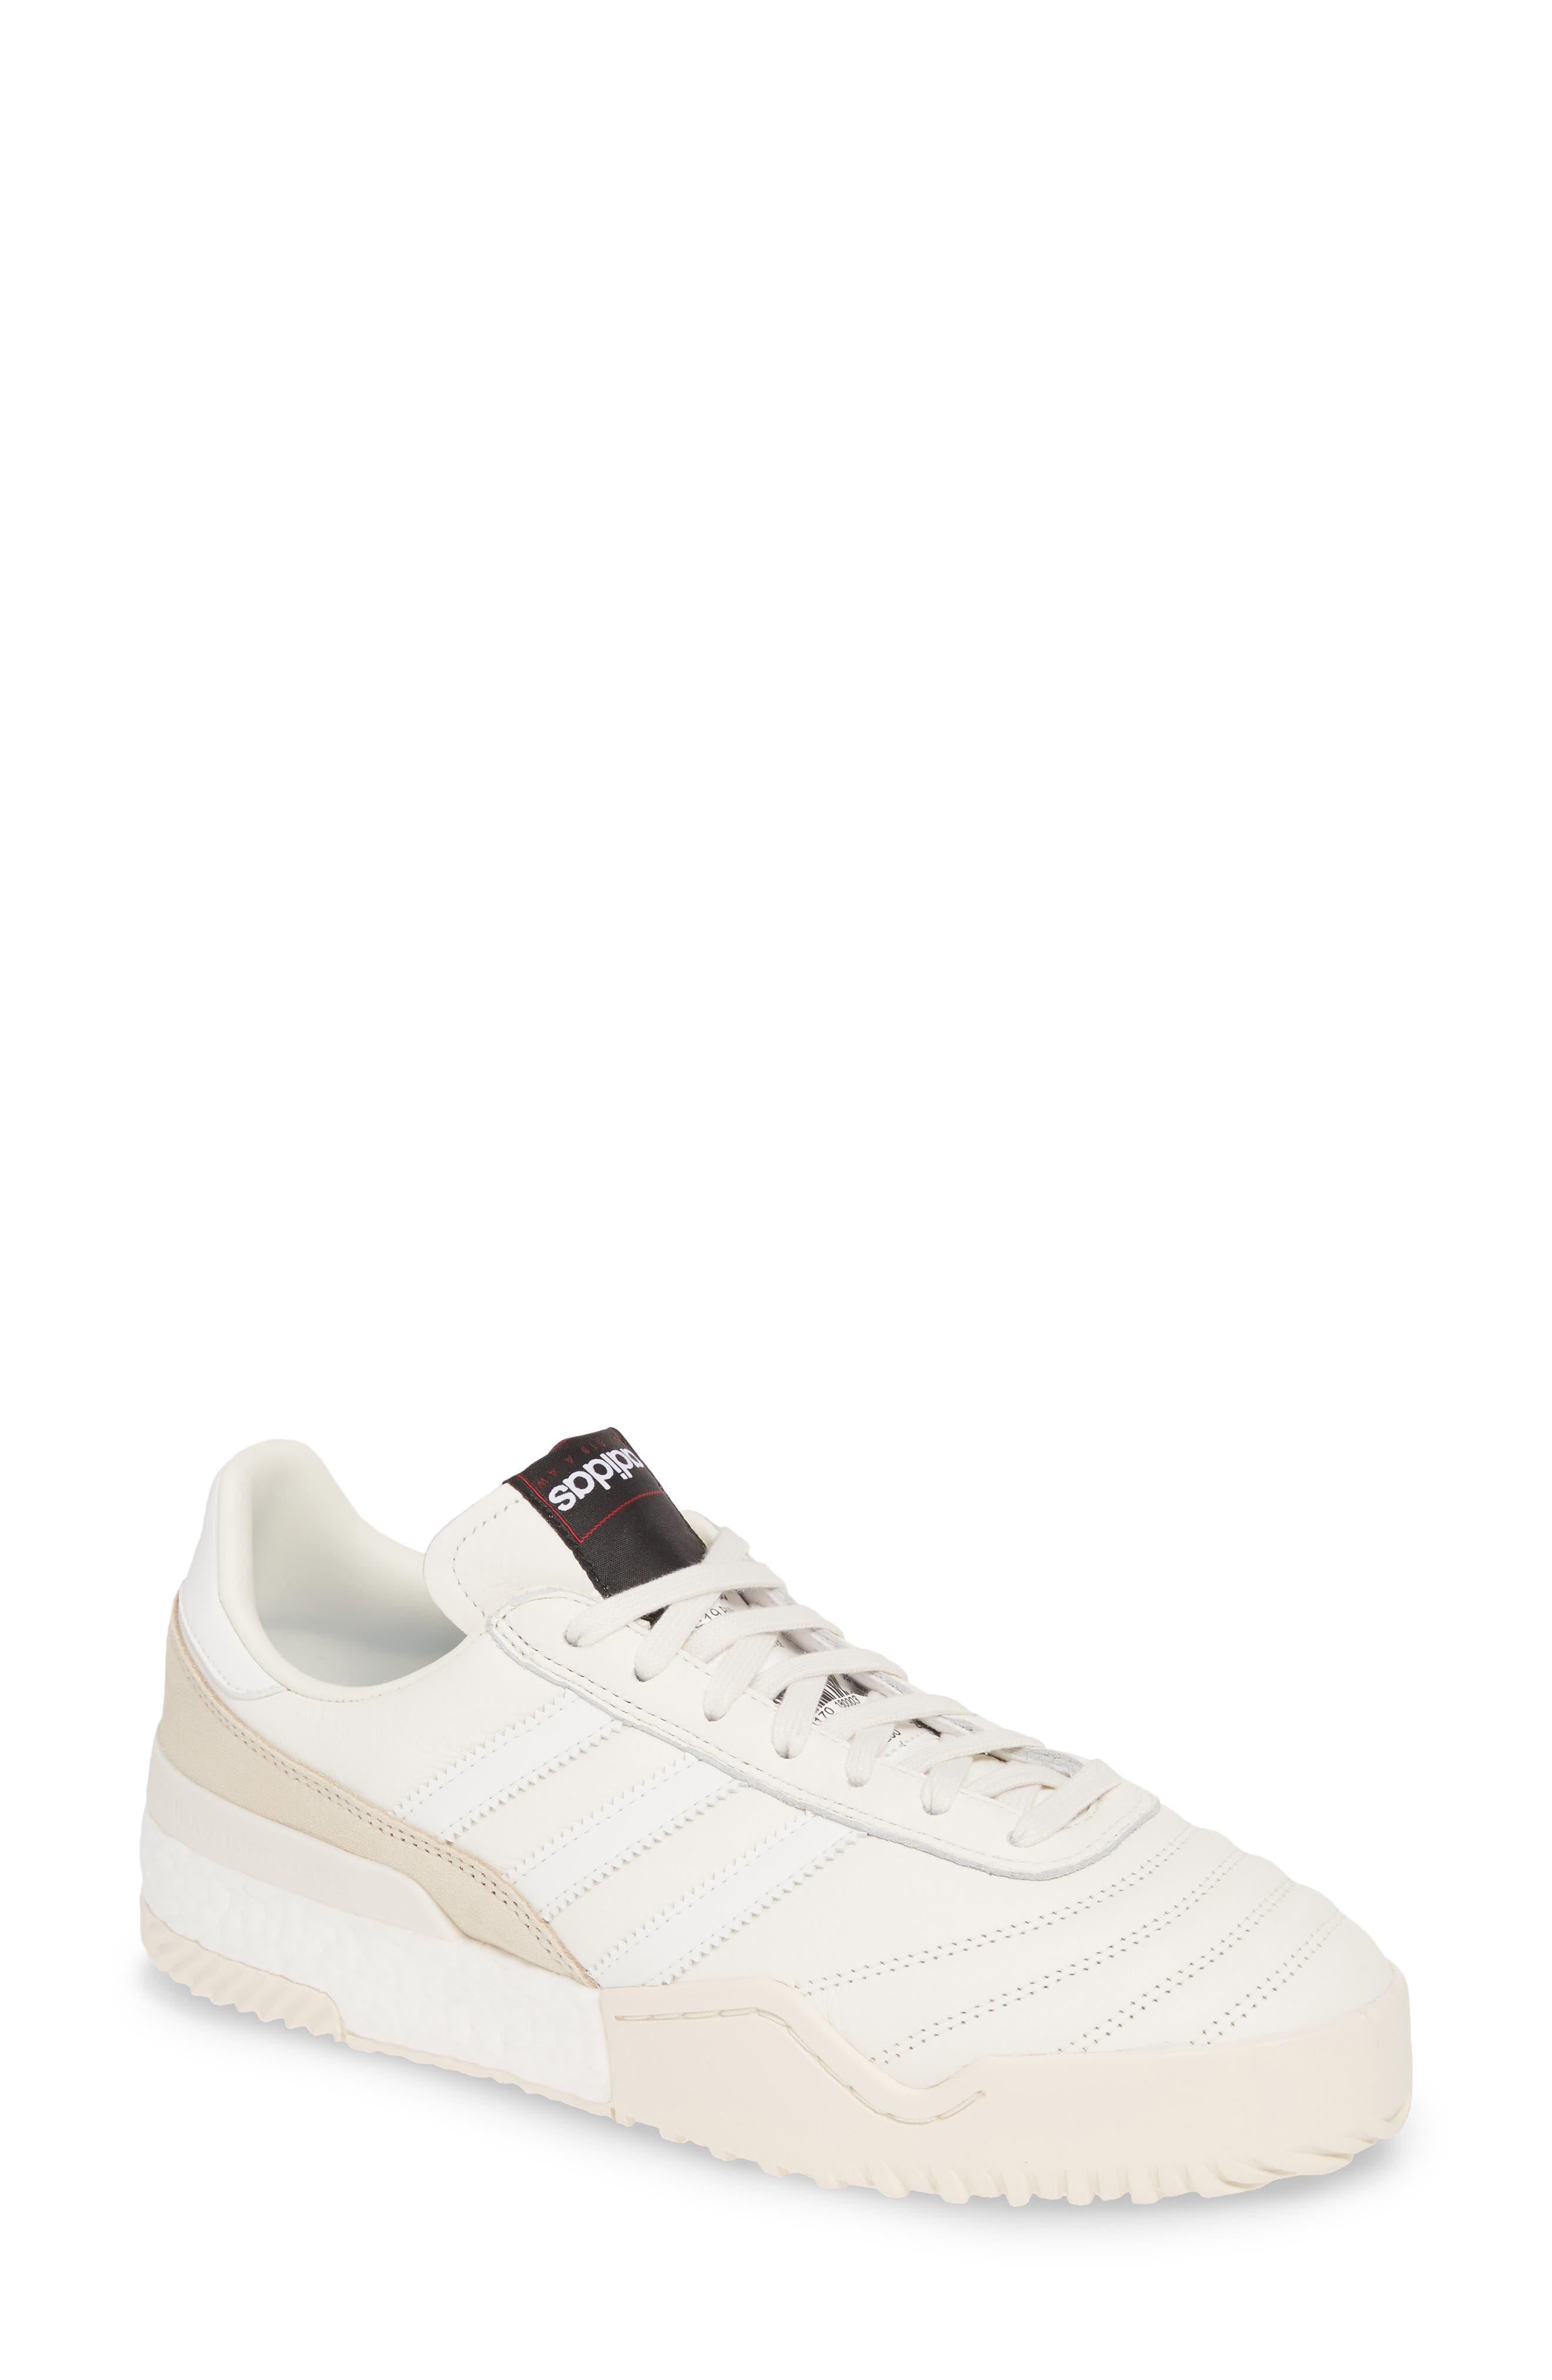 Adidas Originals By Alexander Wang Bball Soccer Shoe / 6.5 Men